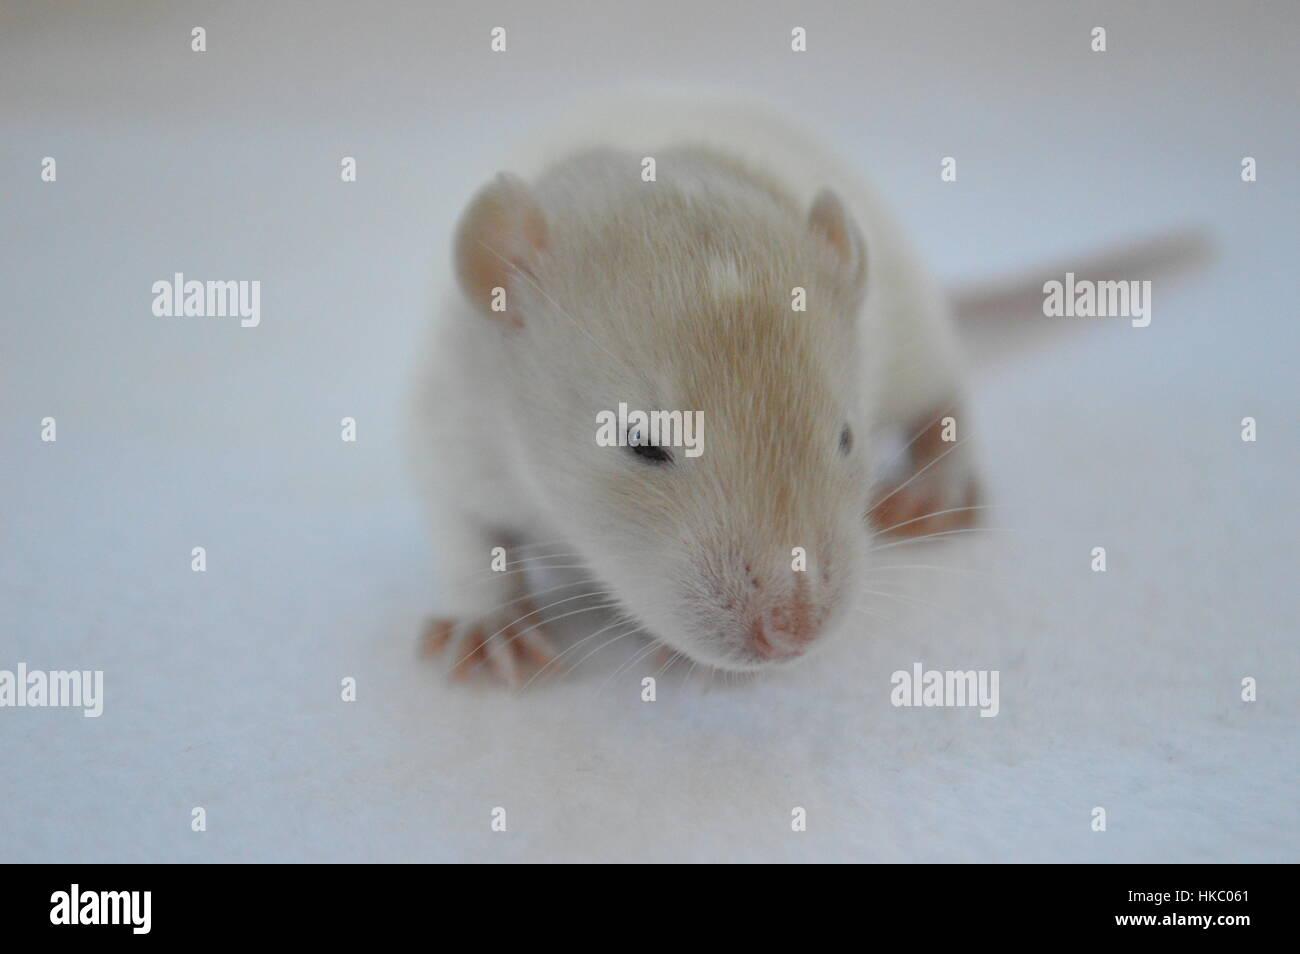 Baby Ratte auf weißem Hintergrund Stockbild